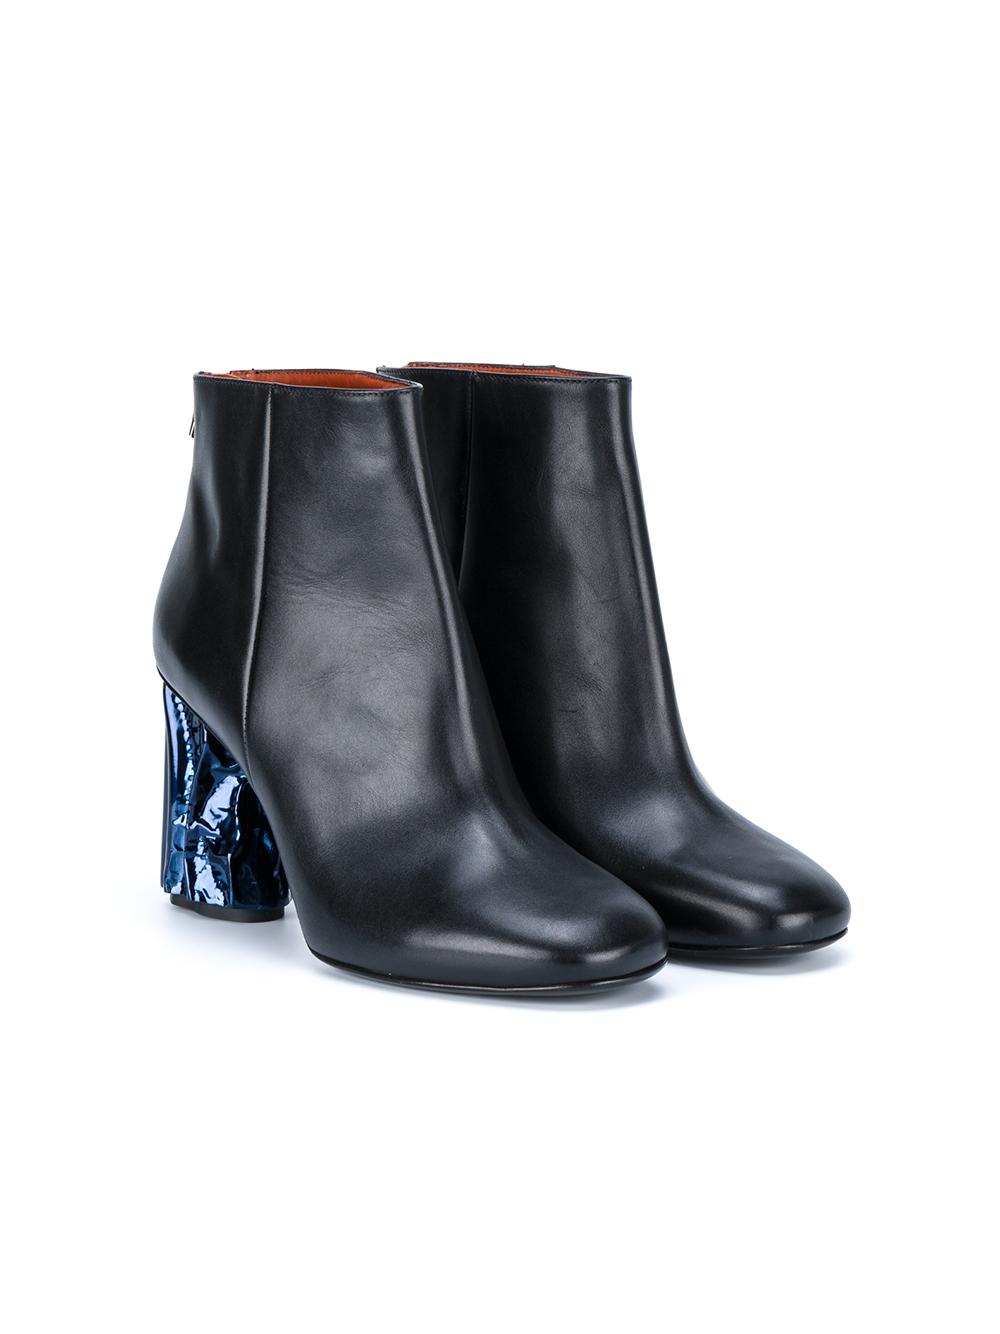 acne studios metallic heel ora boots in black lyst